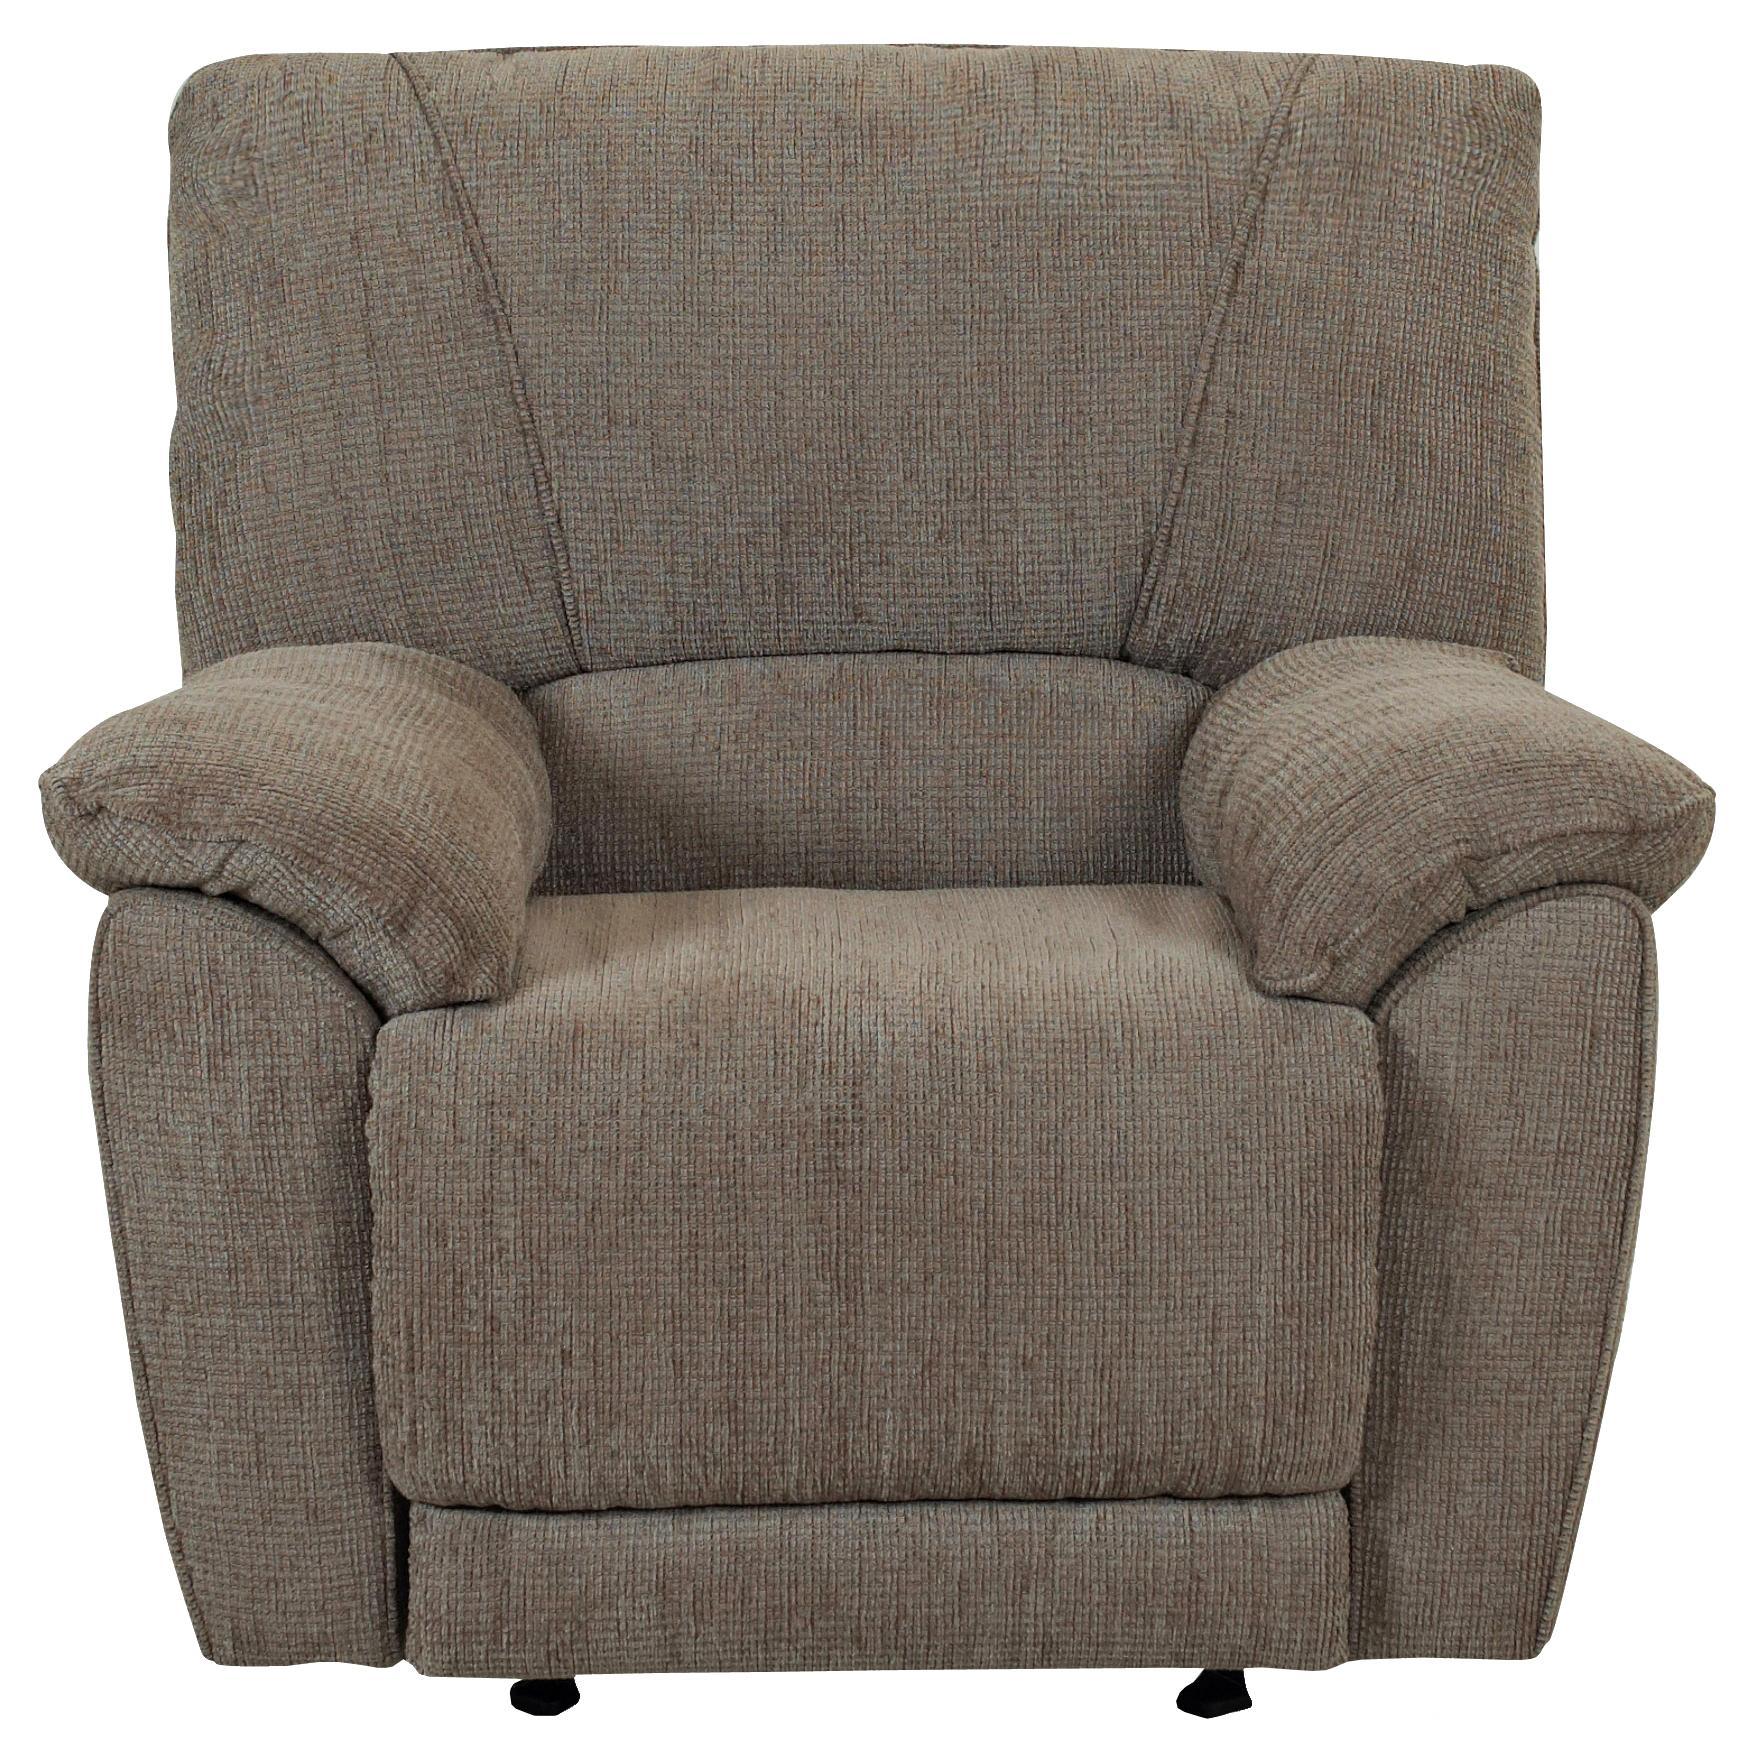 Klaussner Laredo  Reclining Rocking Chair - Item Number: 57903H RRC